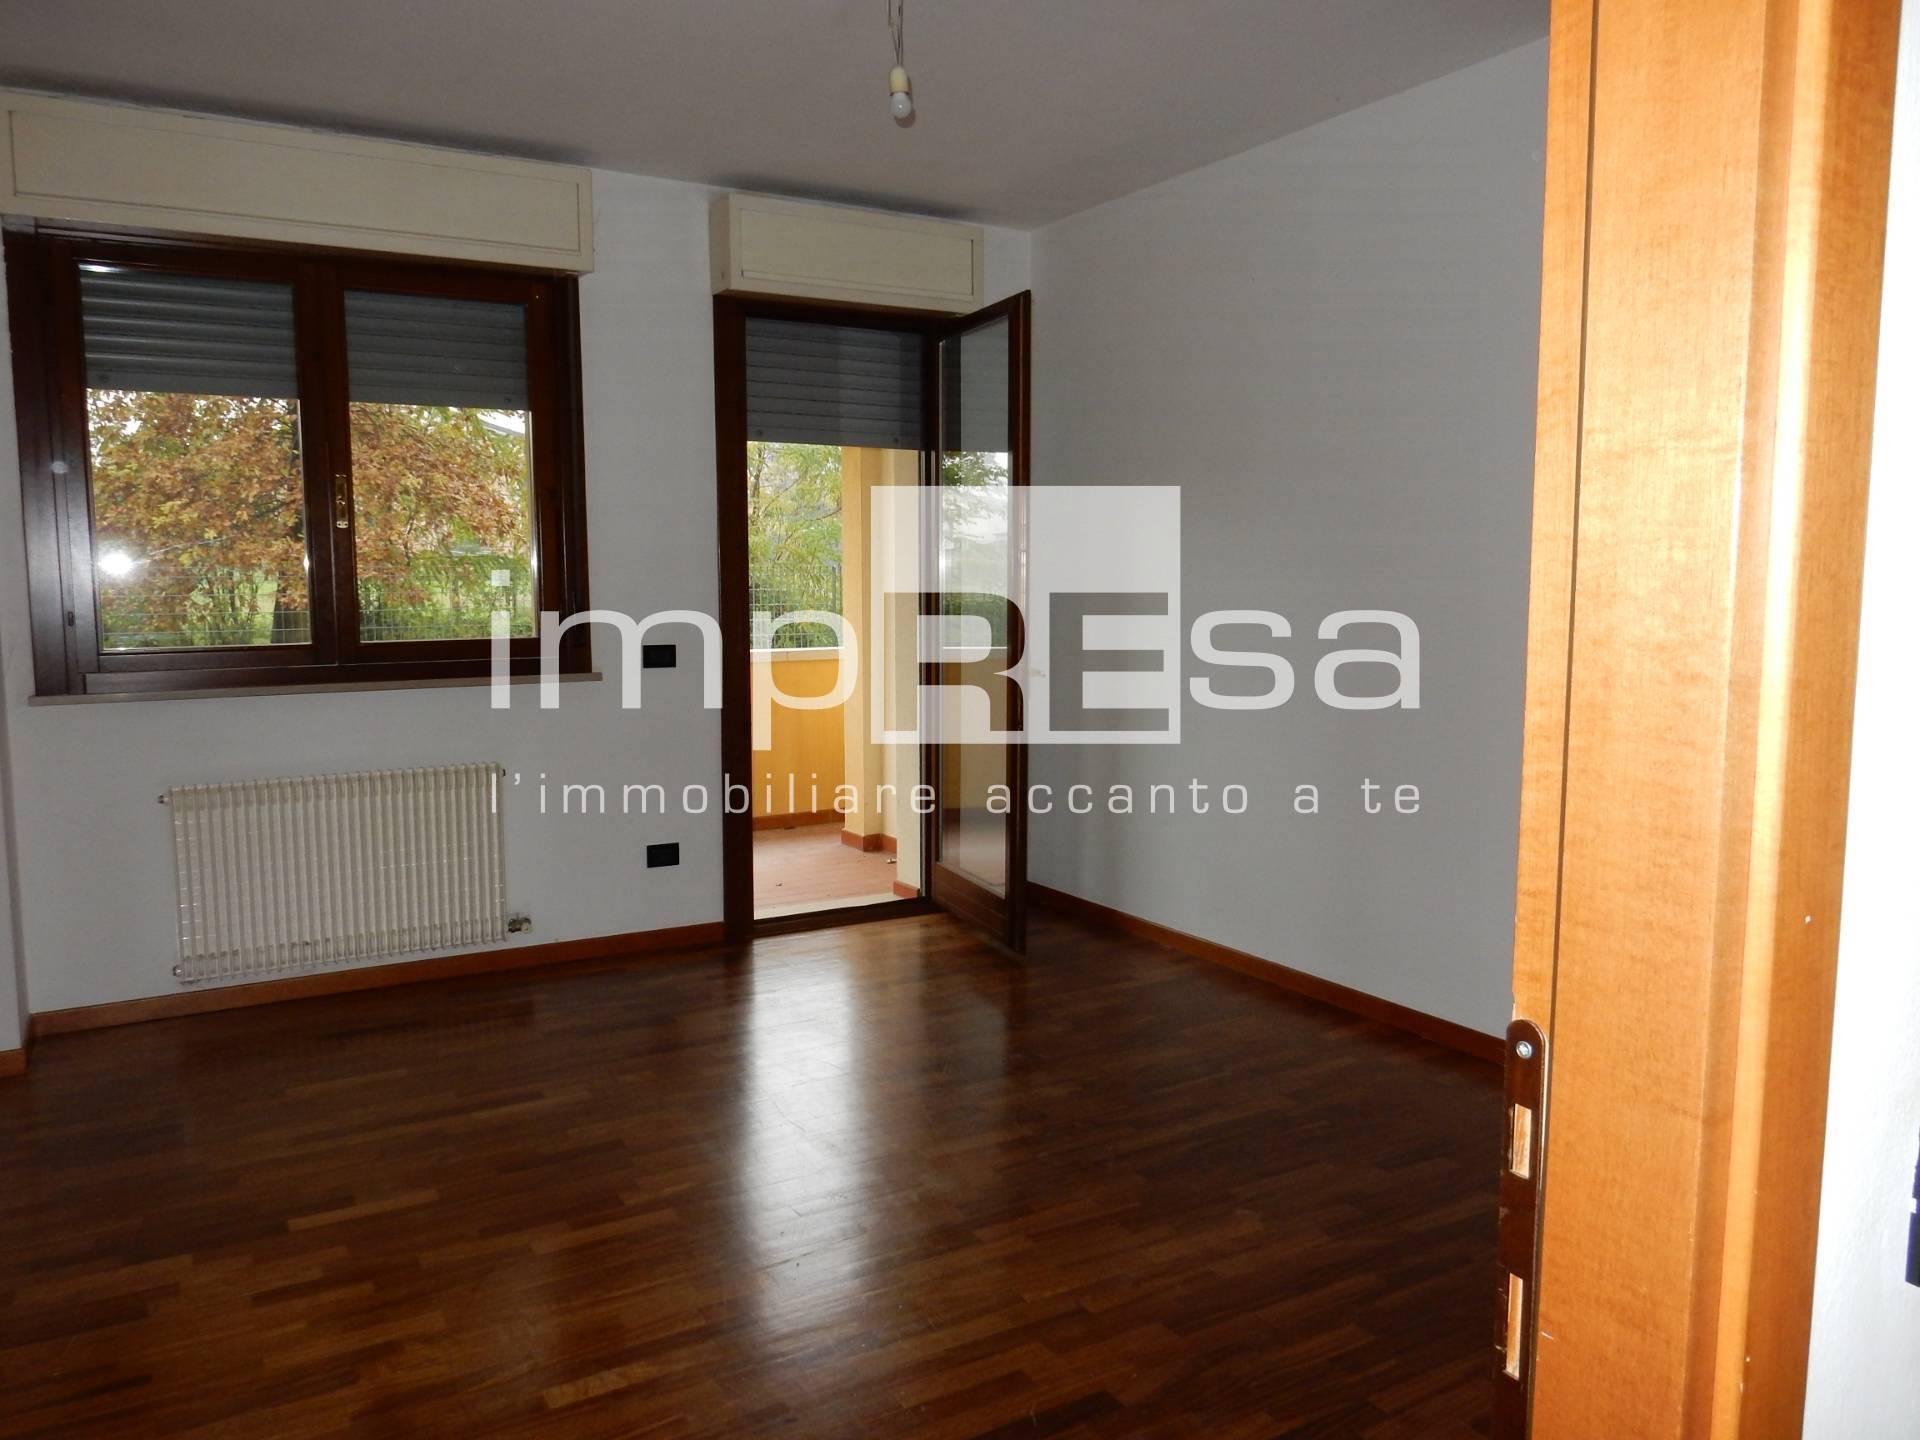 Appartamento in vendita a Nervesa della Battaglia, 2 locali, prezzo € 80.000   PortaleAgenzieImmobiliari.it